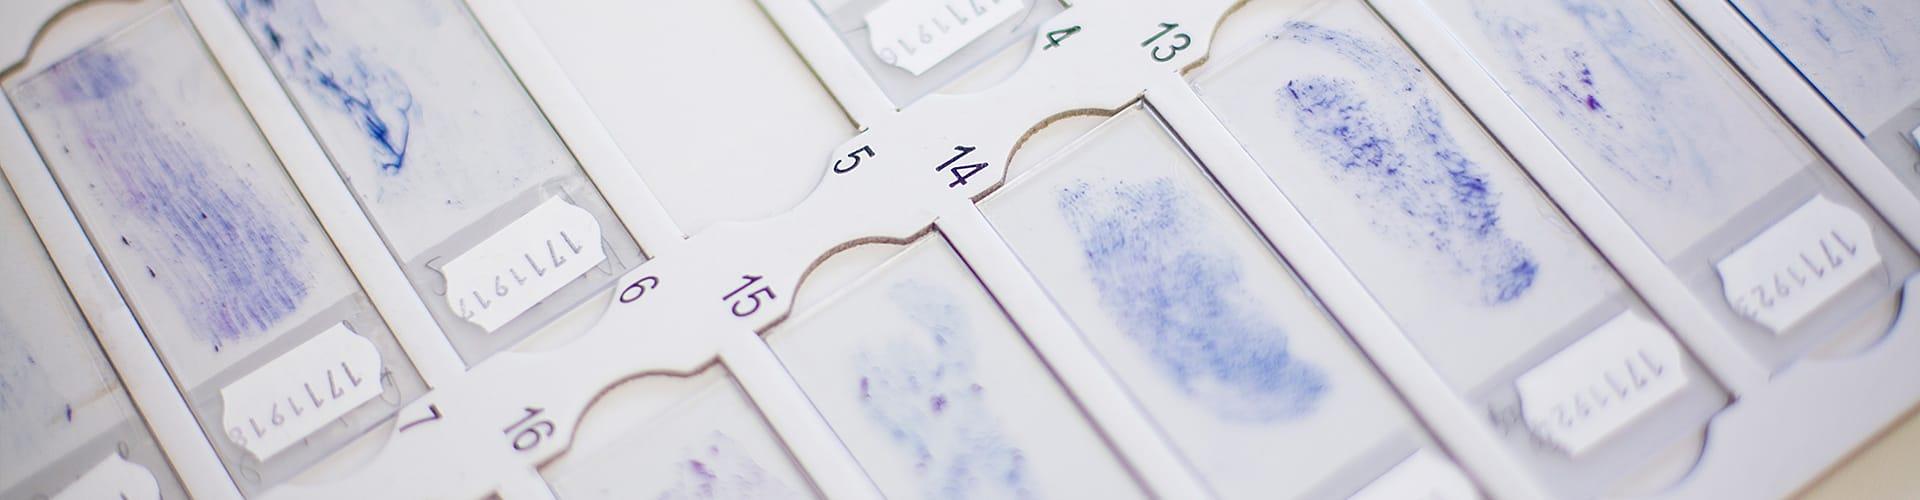 Hier sehen Sie Materialien eines Zytologielabors von Frau Dr. Berlinghoff in Lüdinghausen.